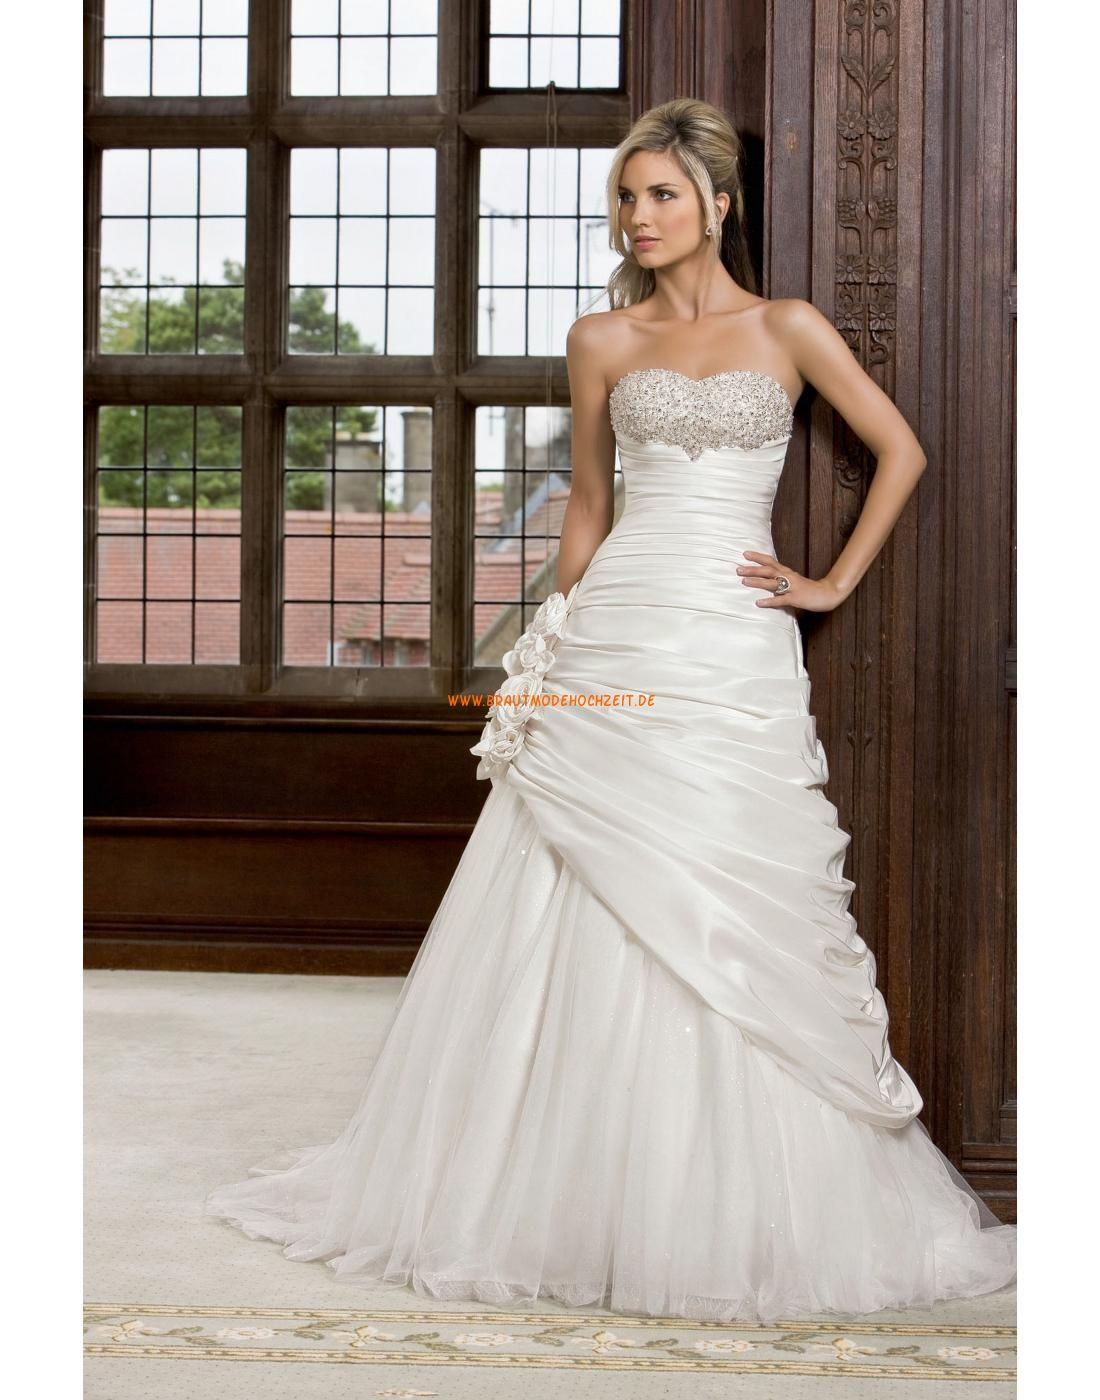 Livia Wedding Dress Ronald Joyce | deweddingjpg.com